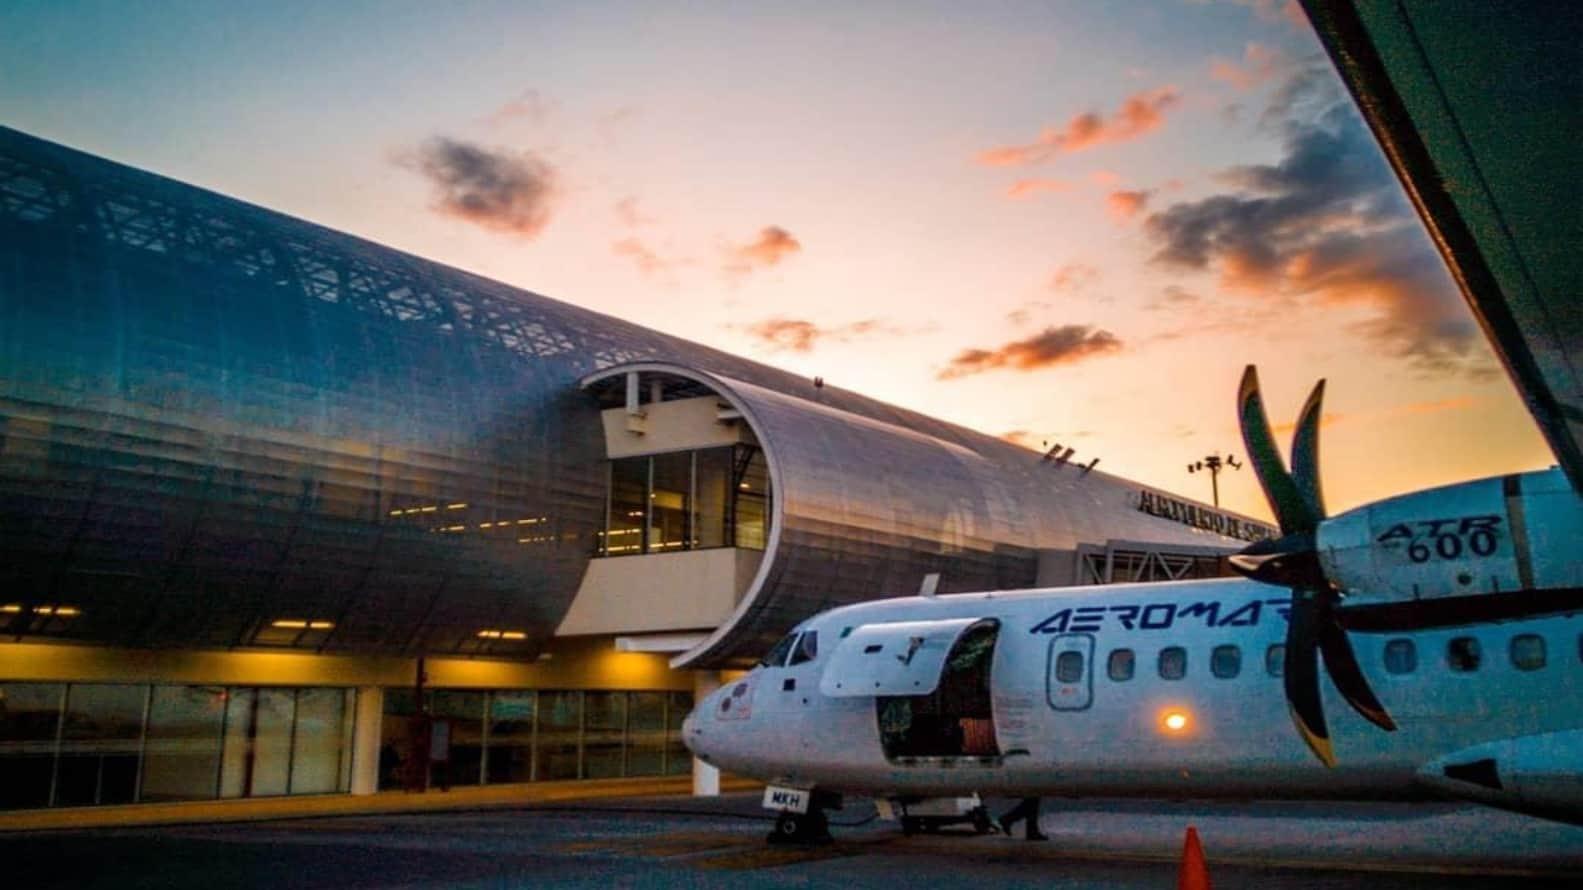 Conoce la alianza de Interjet y Aeromar Foto Aeromar | Facebook